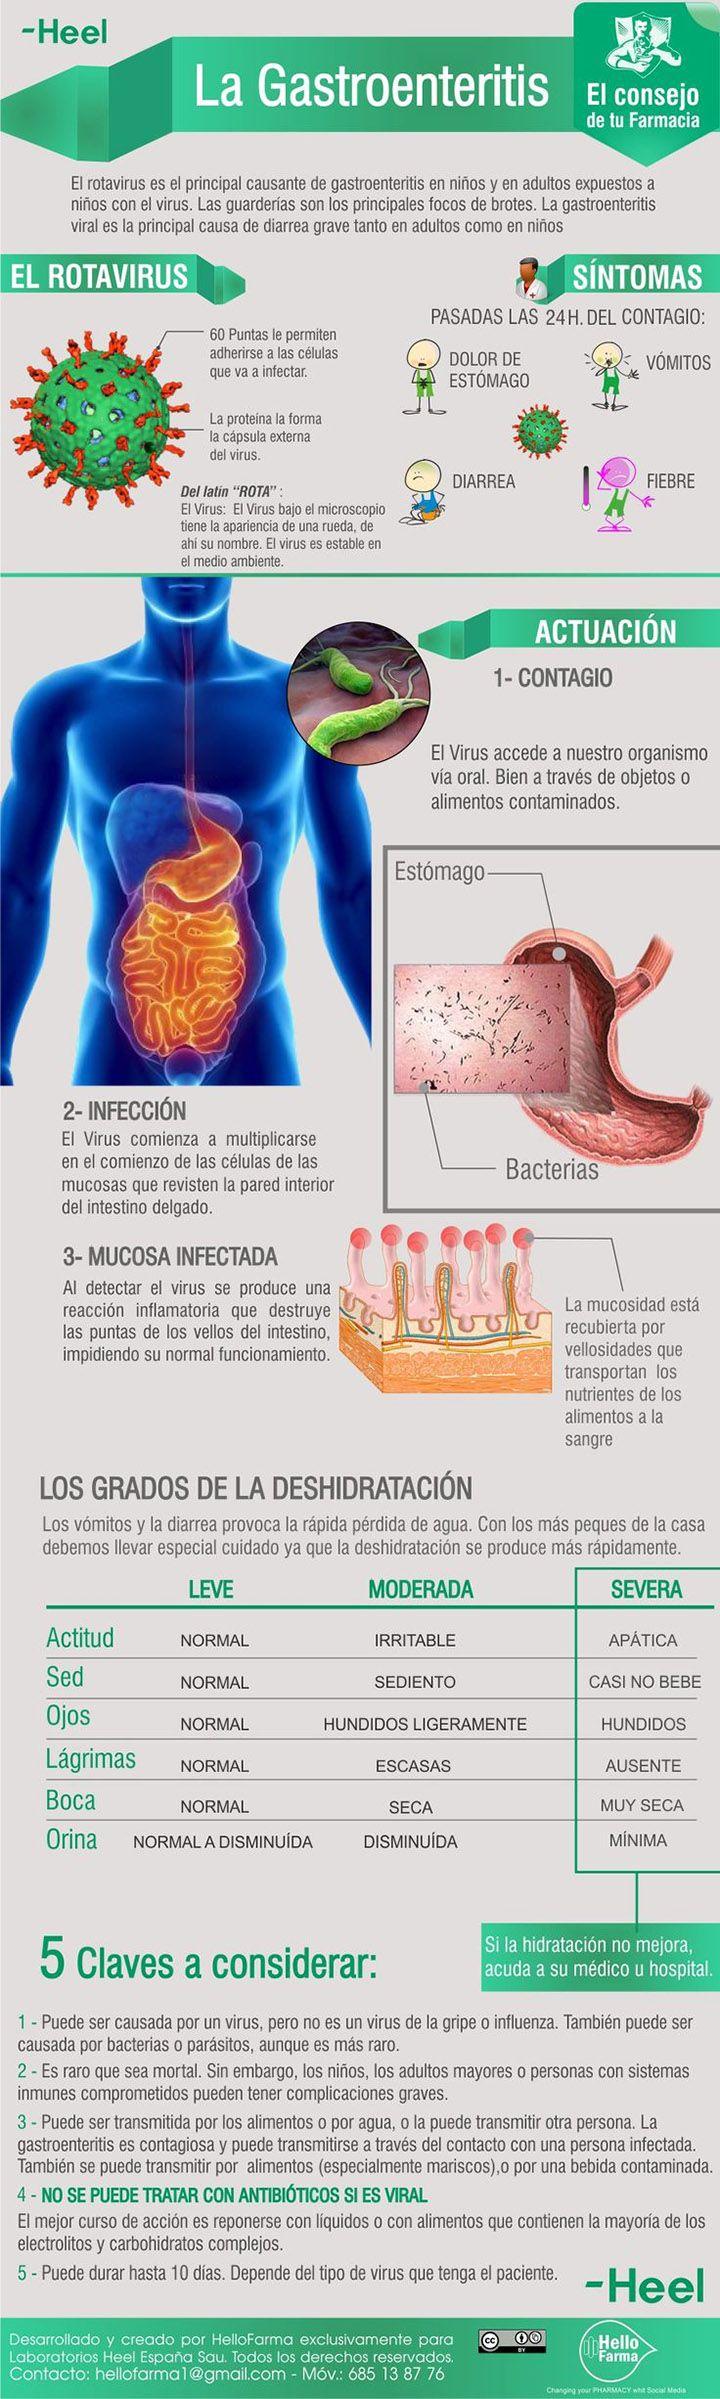 La gastroenteritis. Cómo se contagia y cuales son sus síntomas. #infografía #gastroenteritis